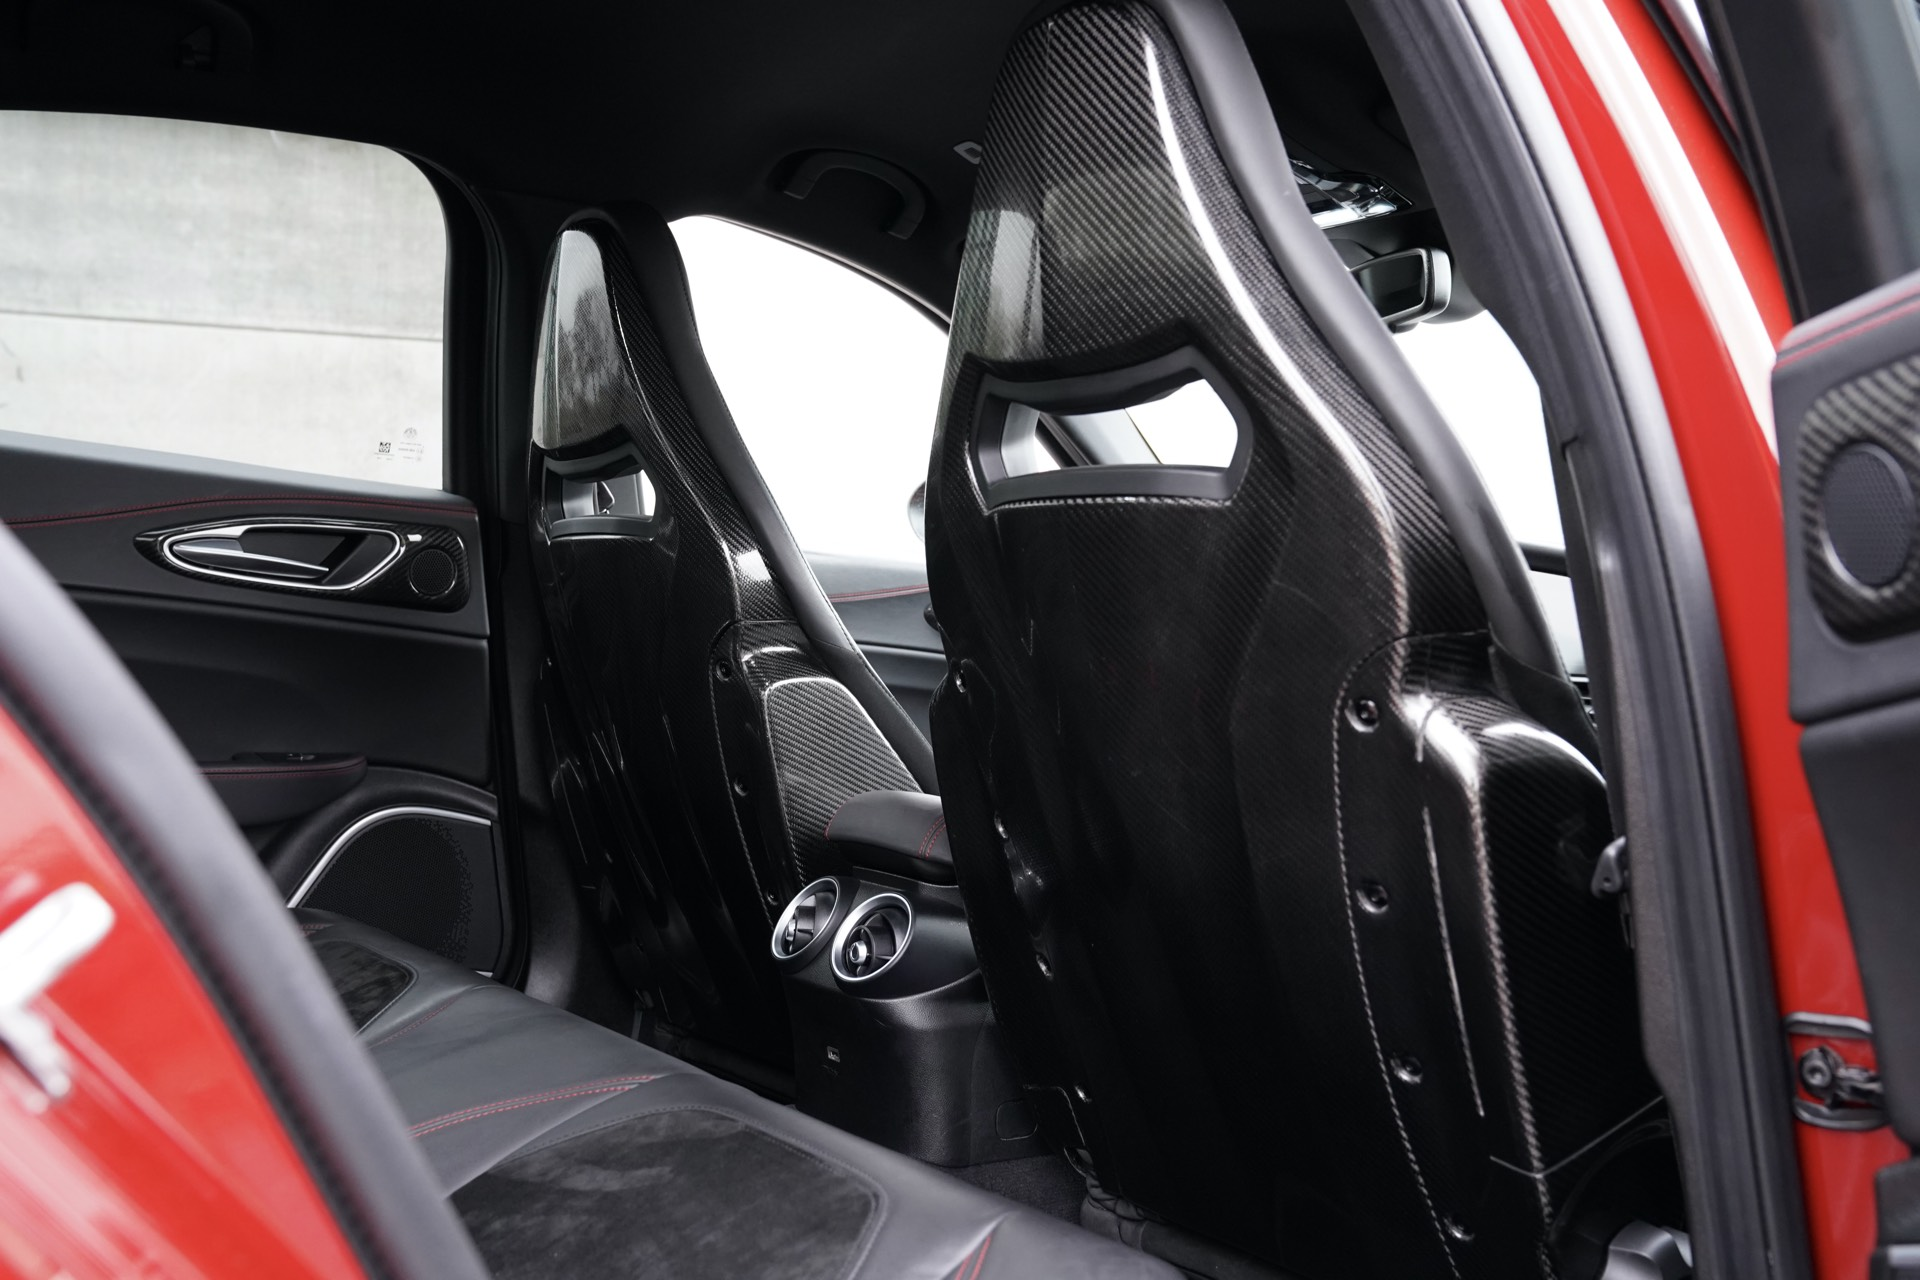 ALFA ROMEO GIULIA Q 2.9 V6 510PK ROSSO COMPETIZIONE